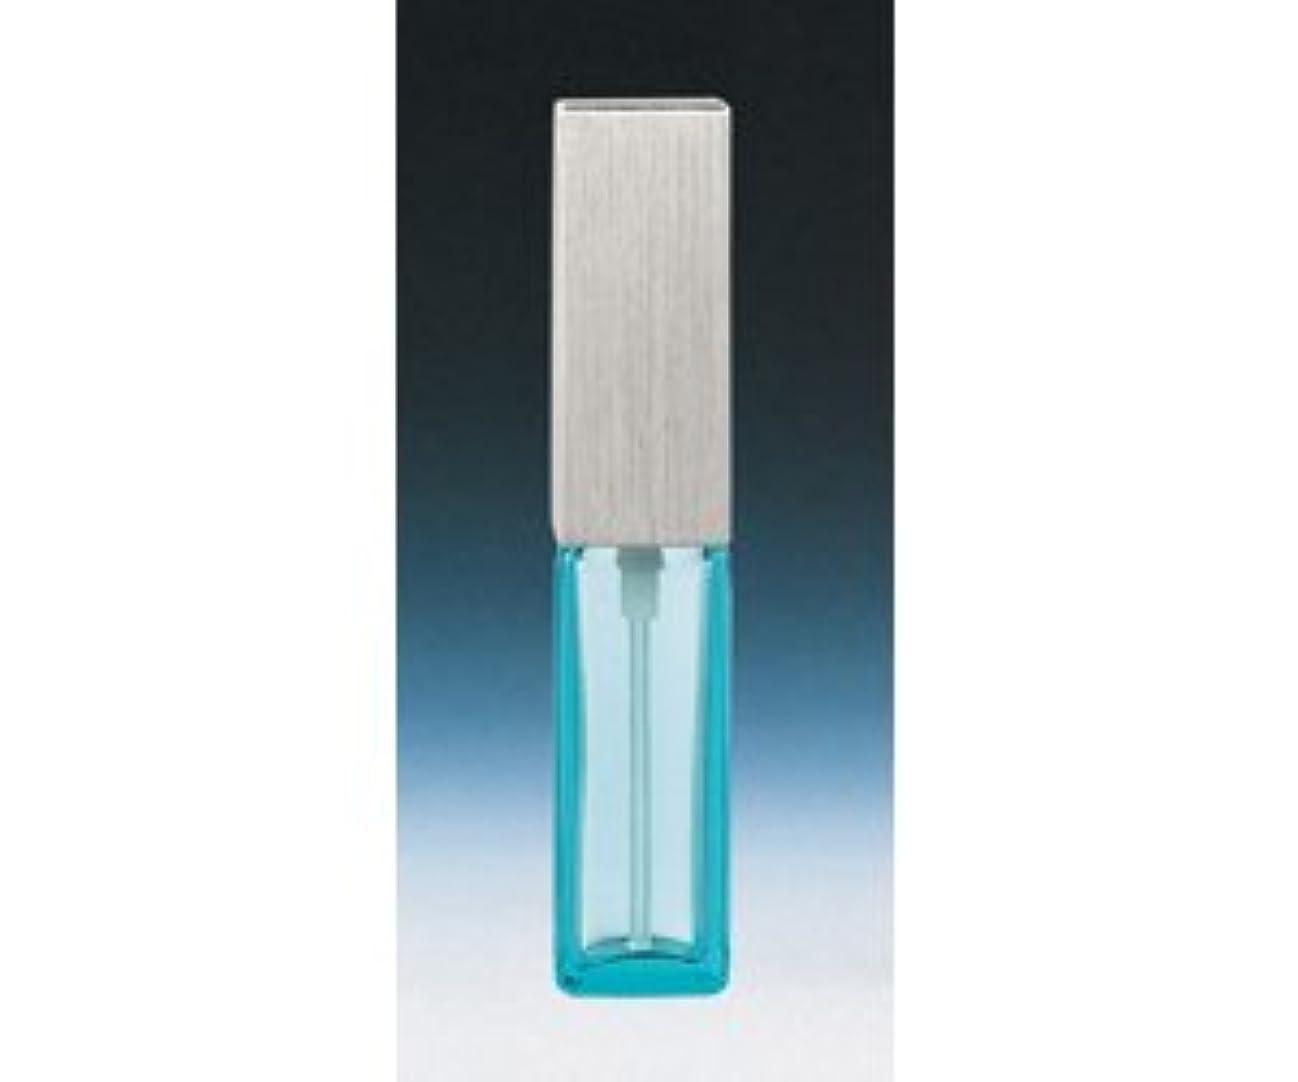 請願者鳴り響く驚くべきヤマダアトマイザー メンズ アトマイザー 香水 携帯用 詰め換え用付属品入り 15493